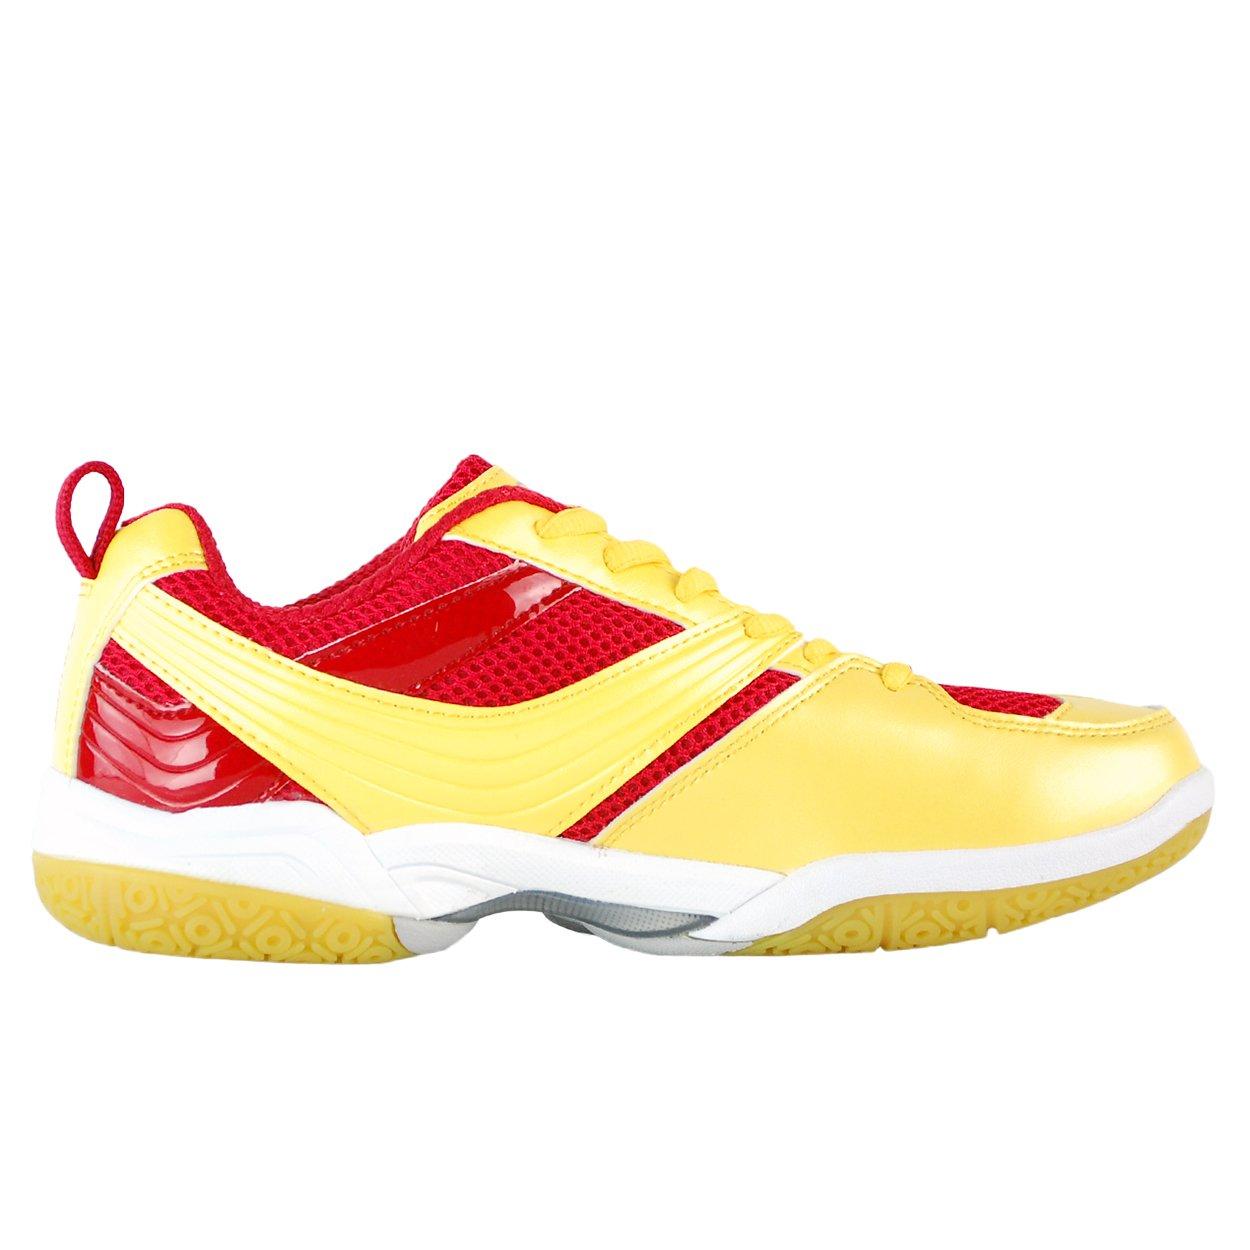 Sacs 300 Cx Et Indoor Chaussures Oliver 46 Shoes EO0qntw